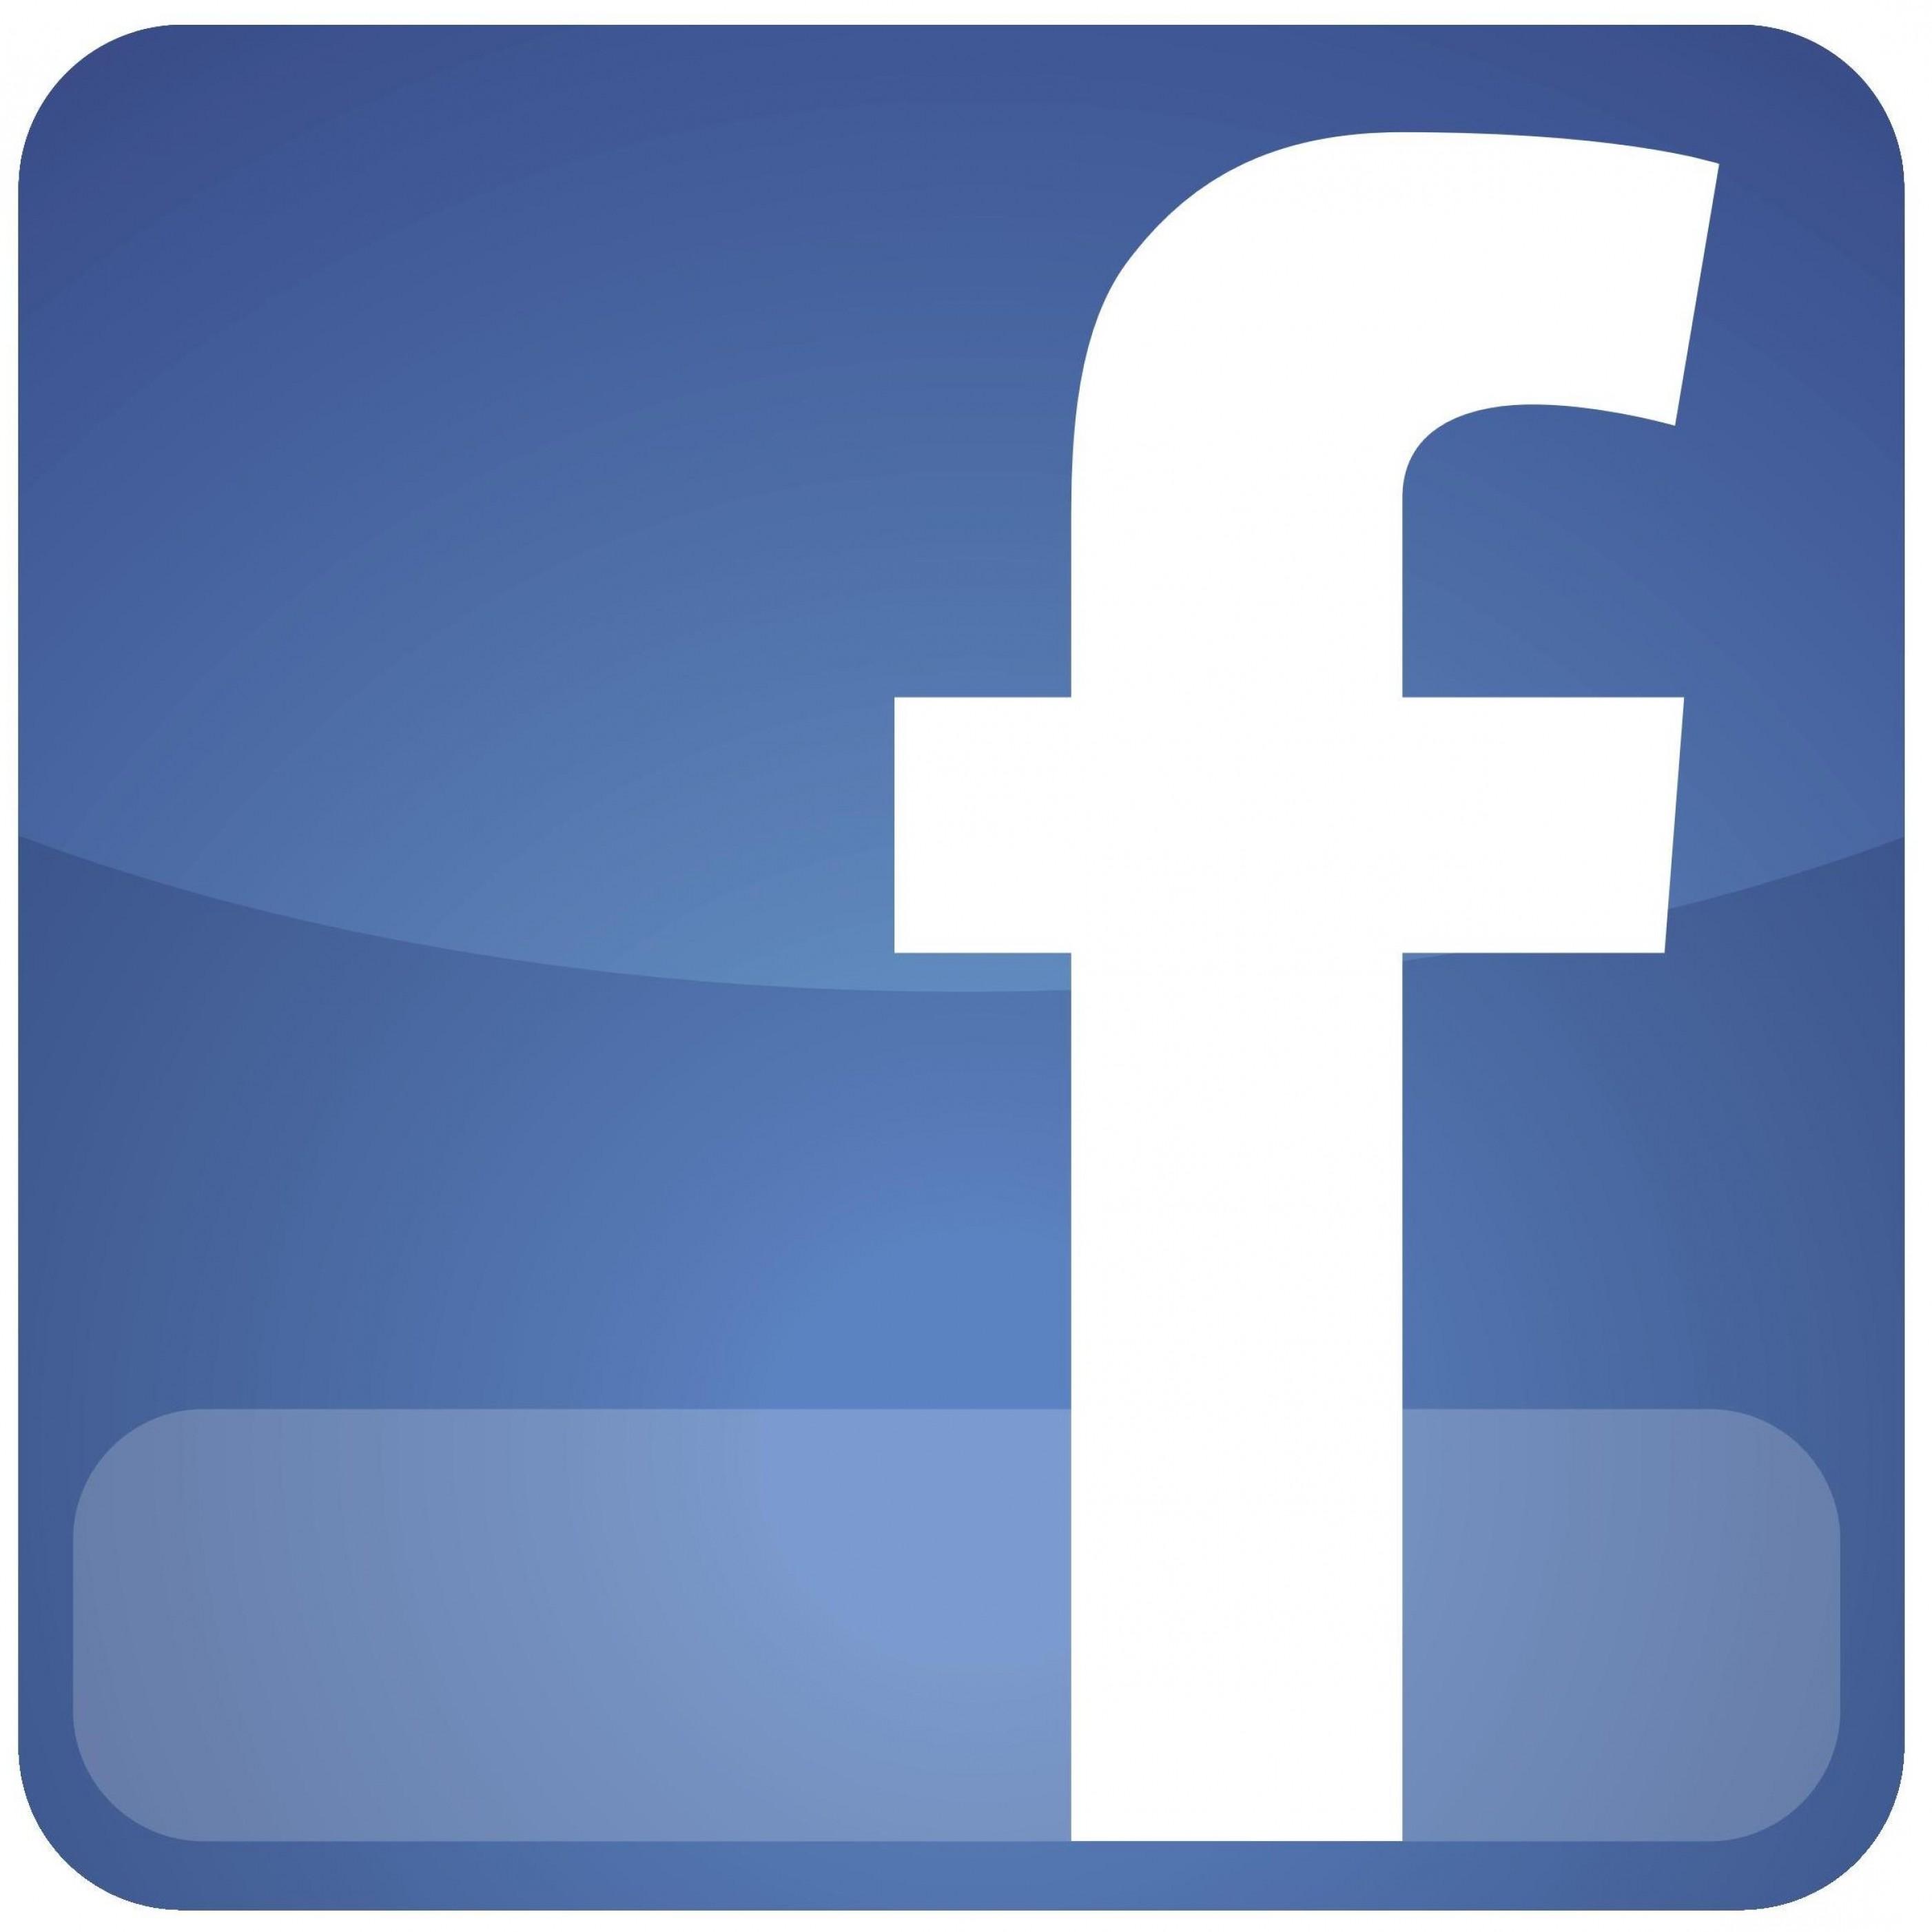 2804x2804 Hd Facebook Icon Vector File Free Shopatcloth